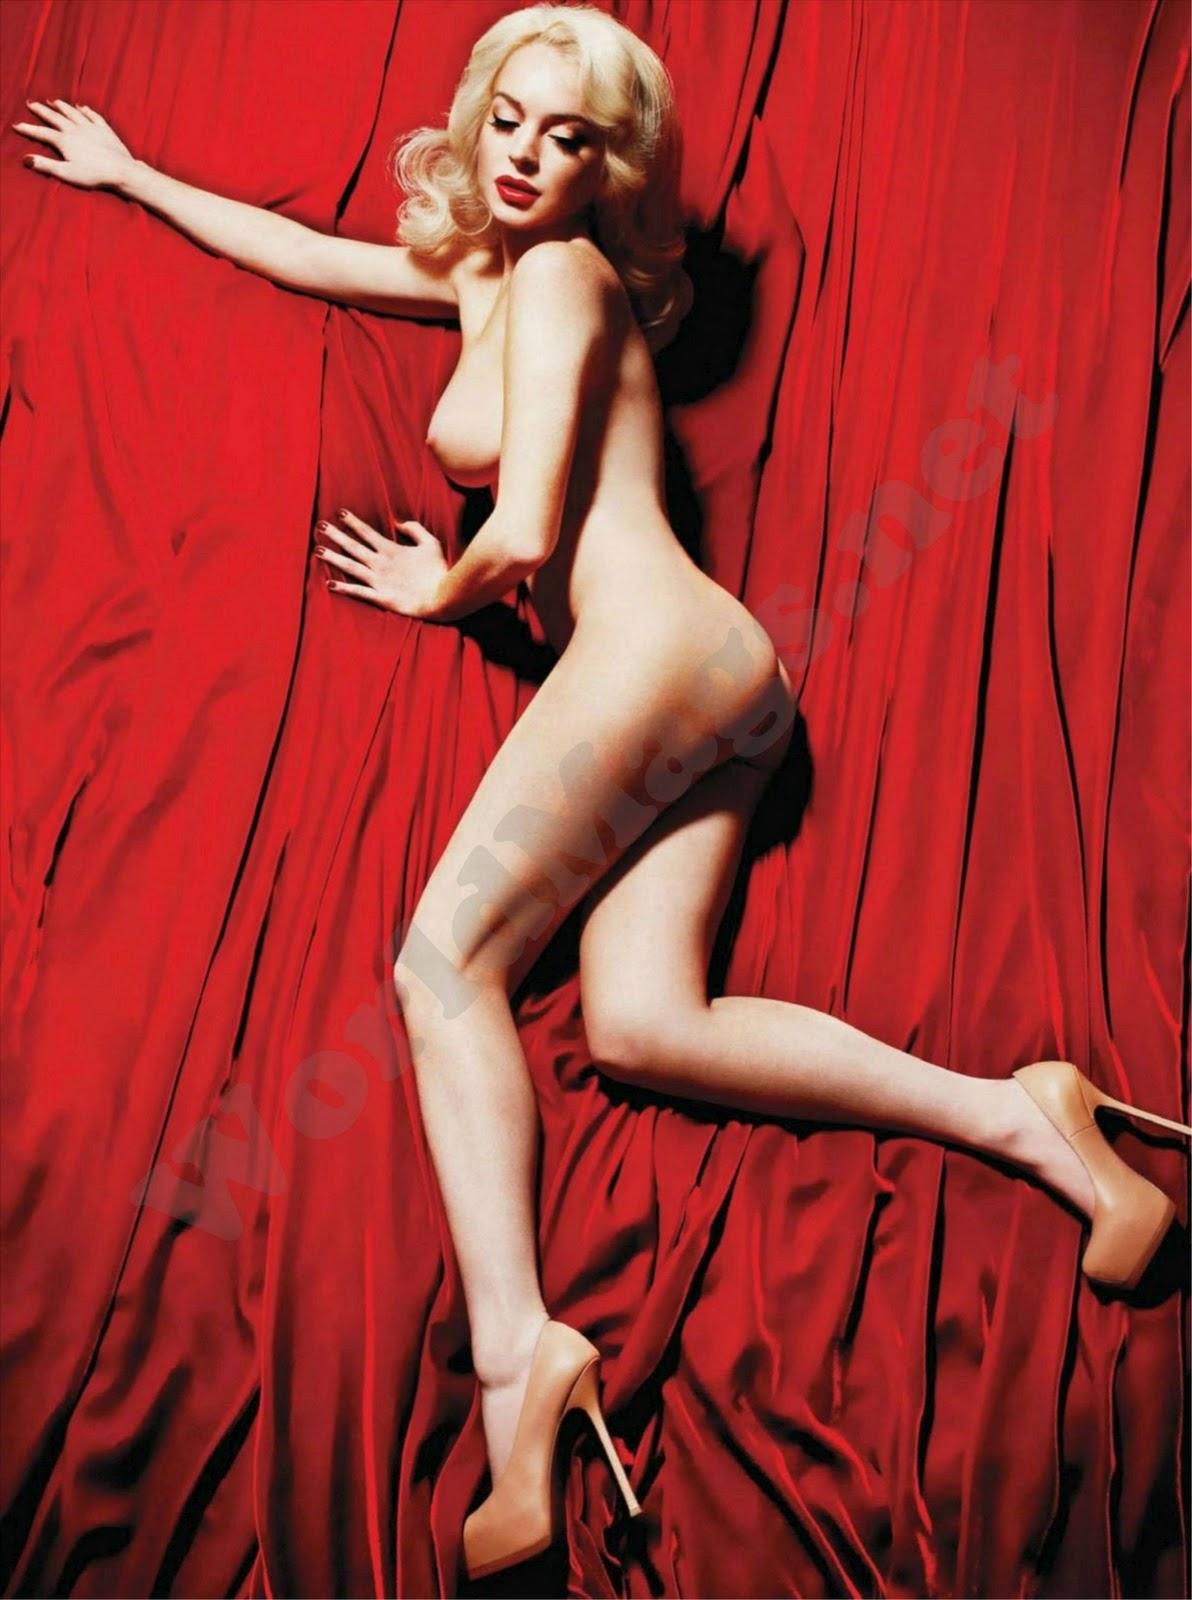 Lindsay Lohan Nude Pose 42